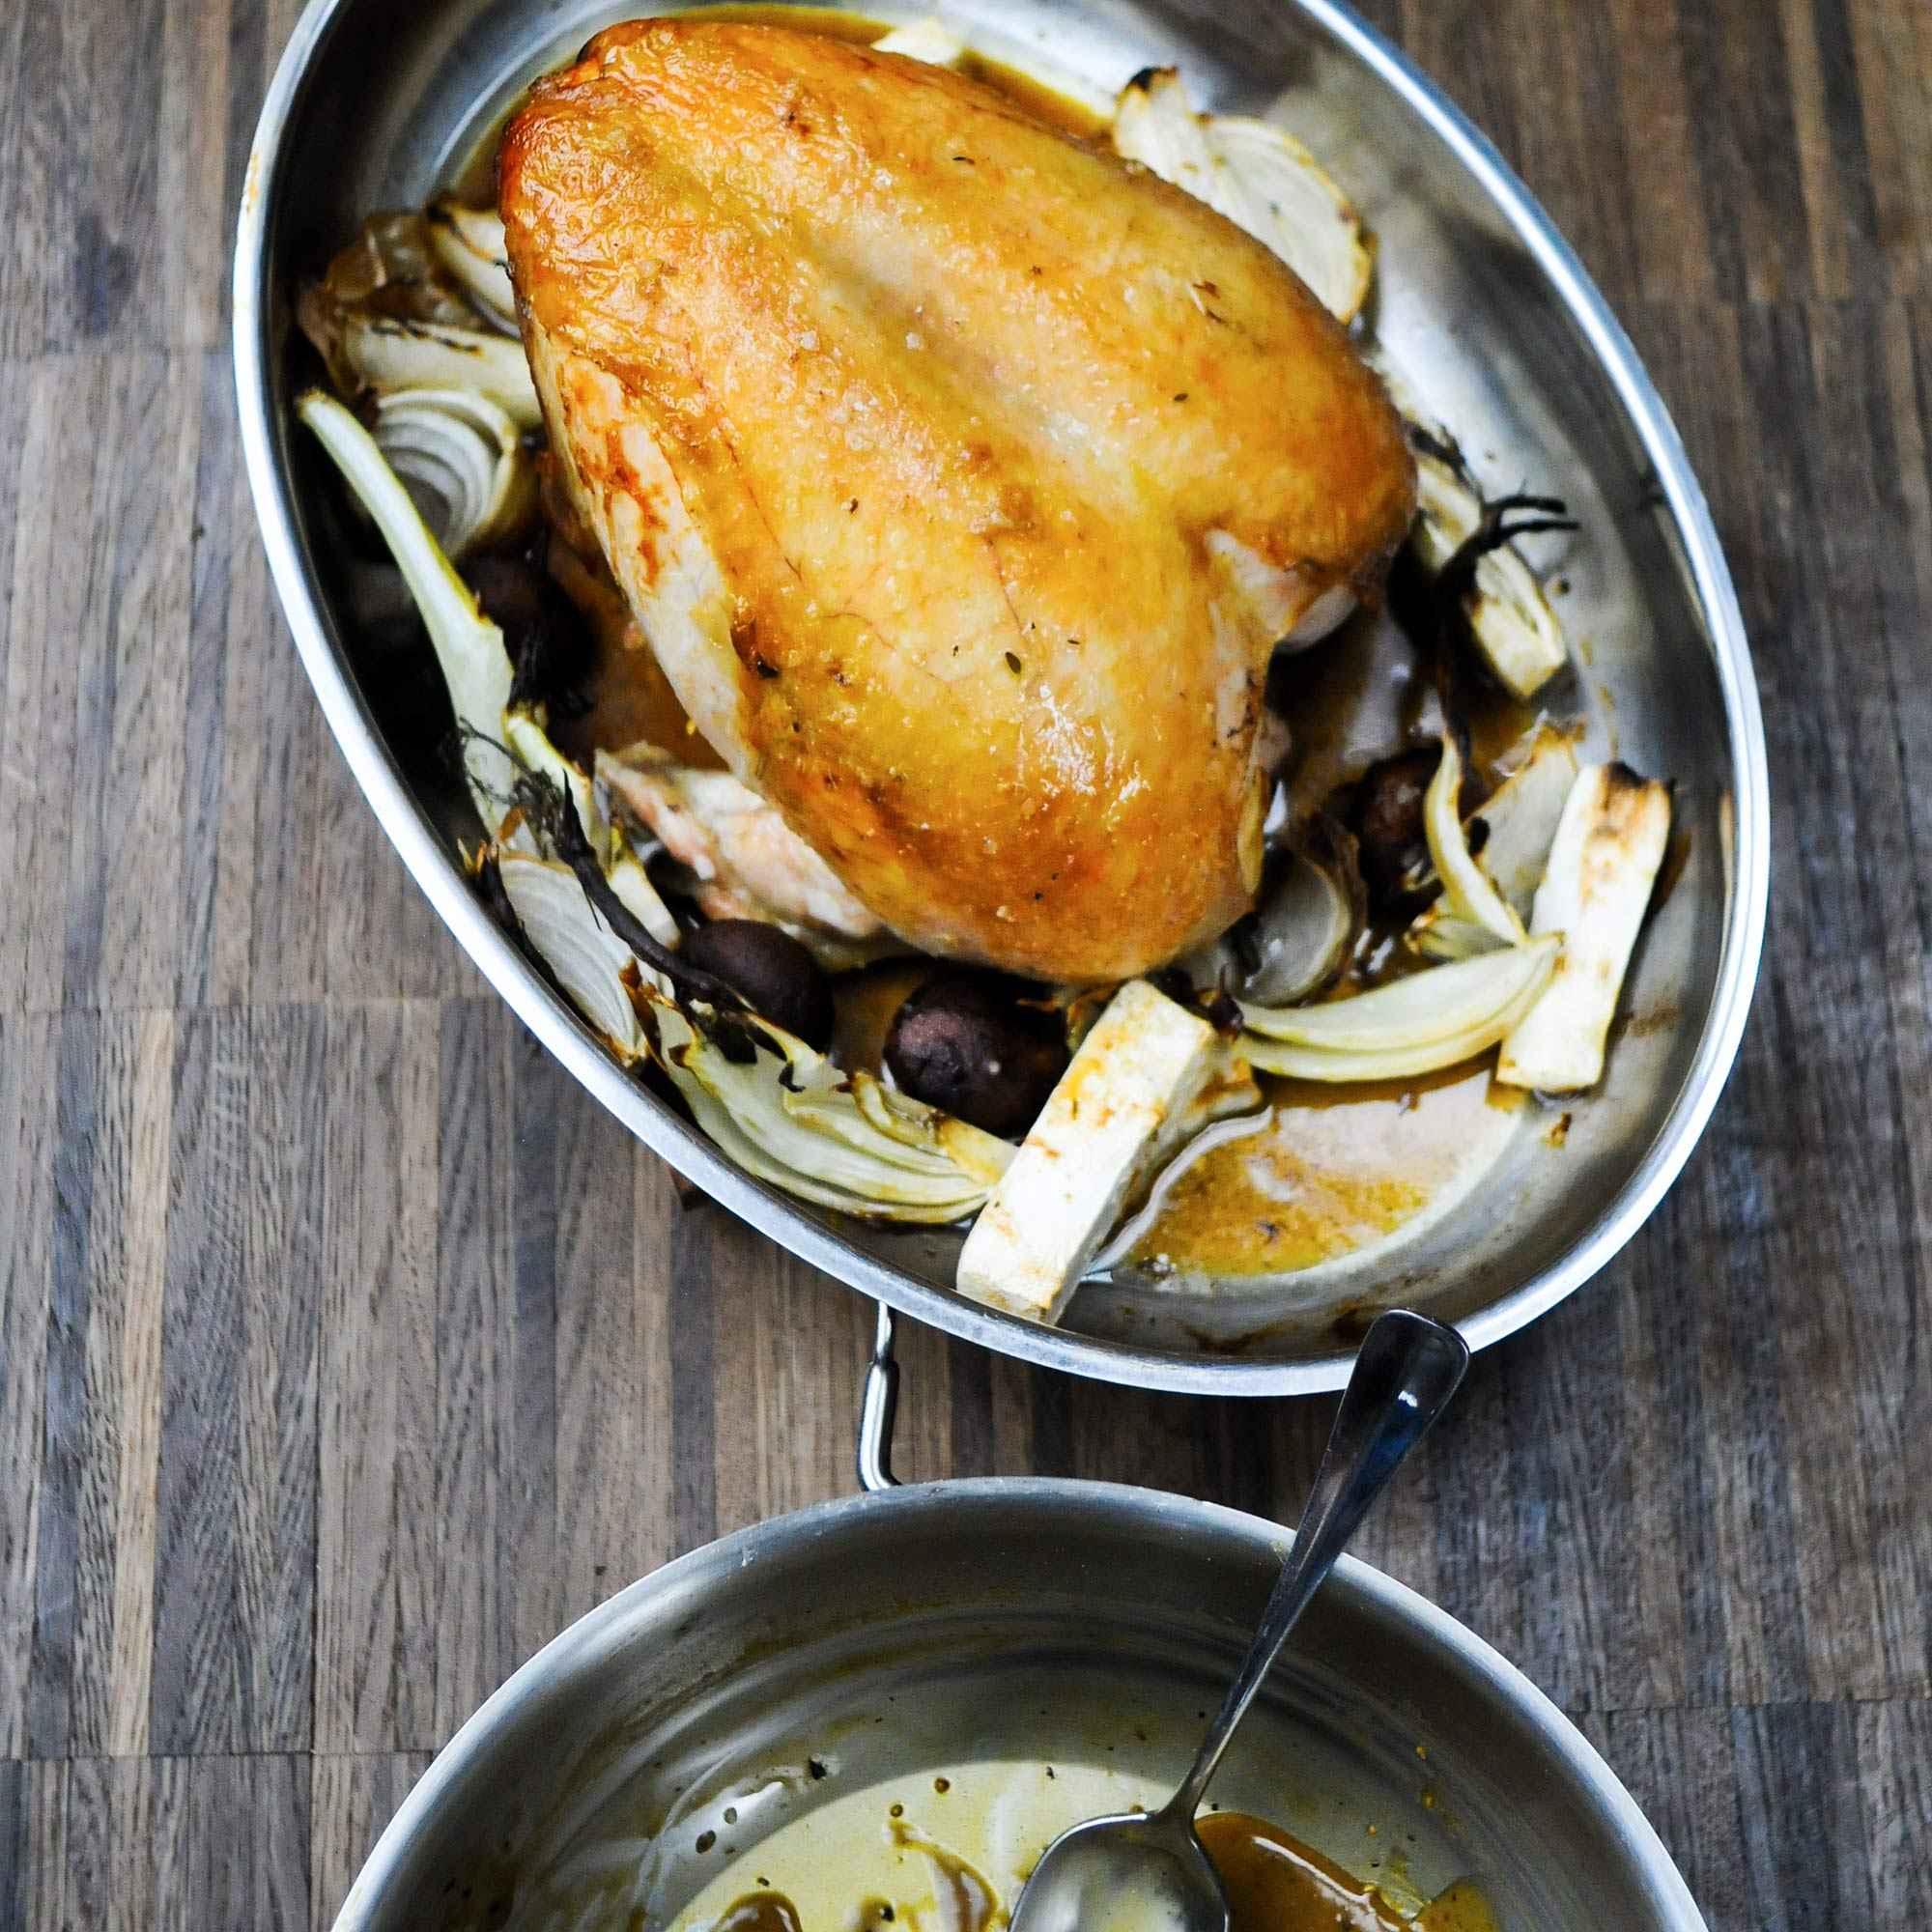 Huhn nach Thomas Imbusch